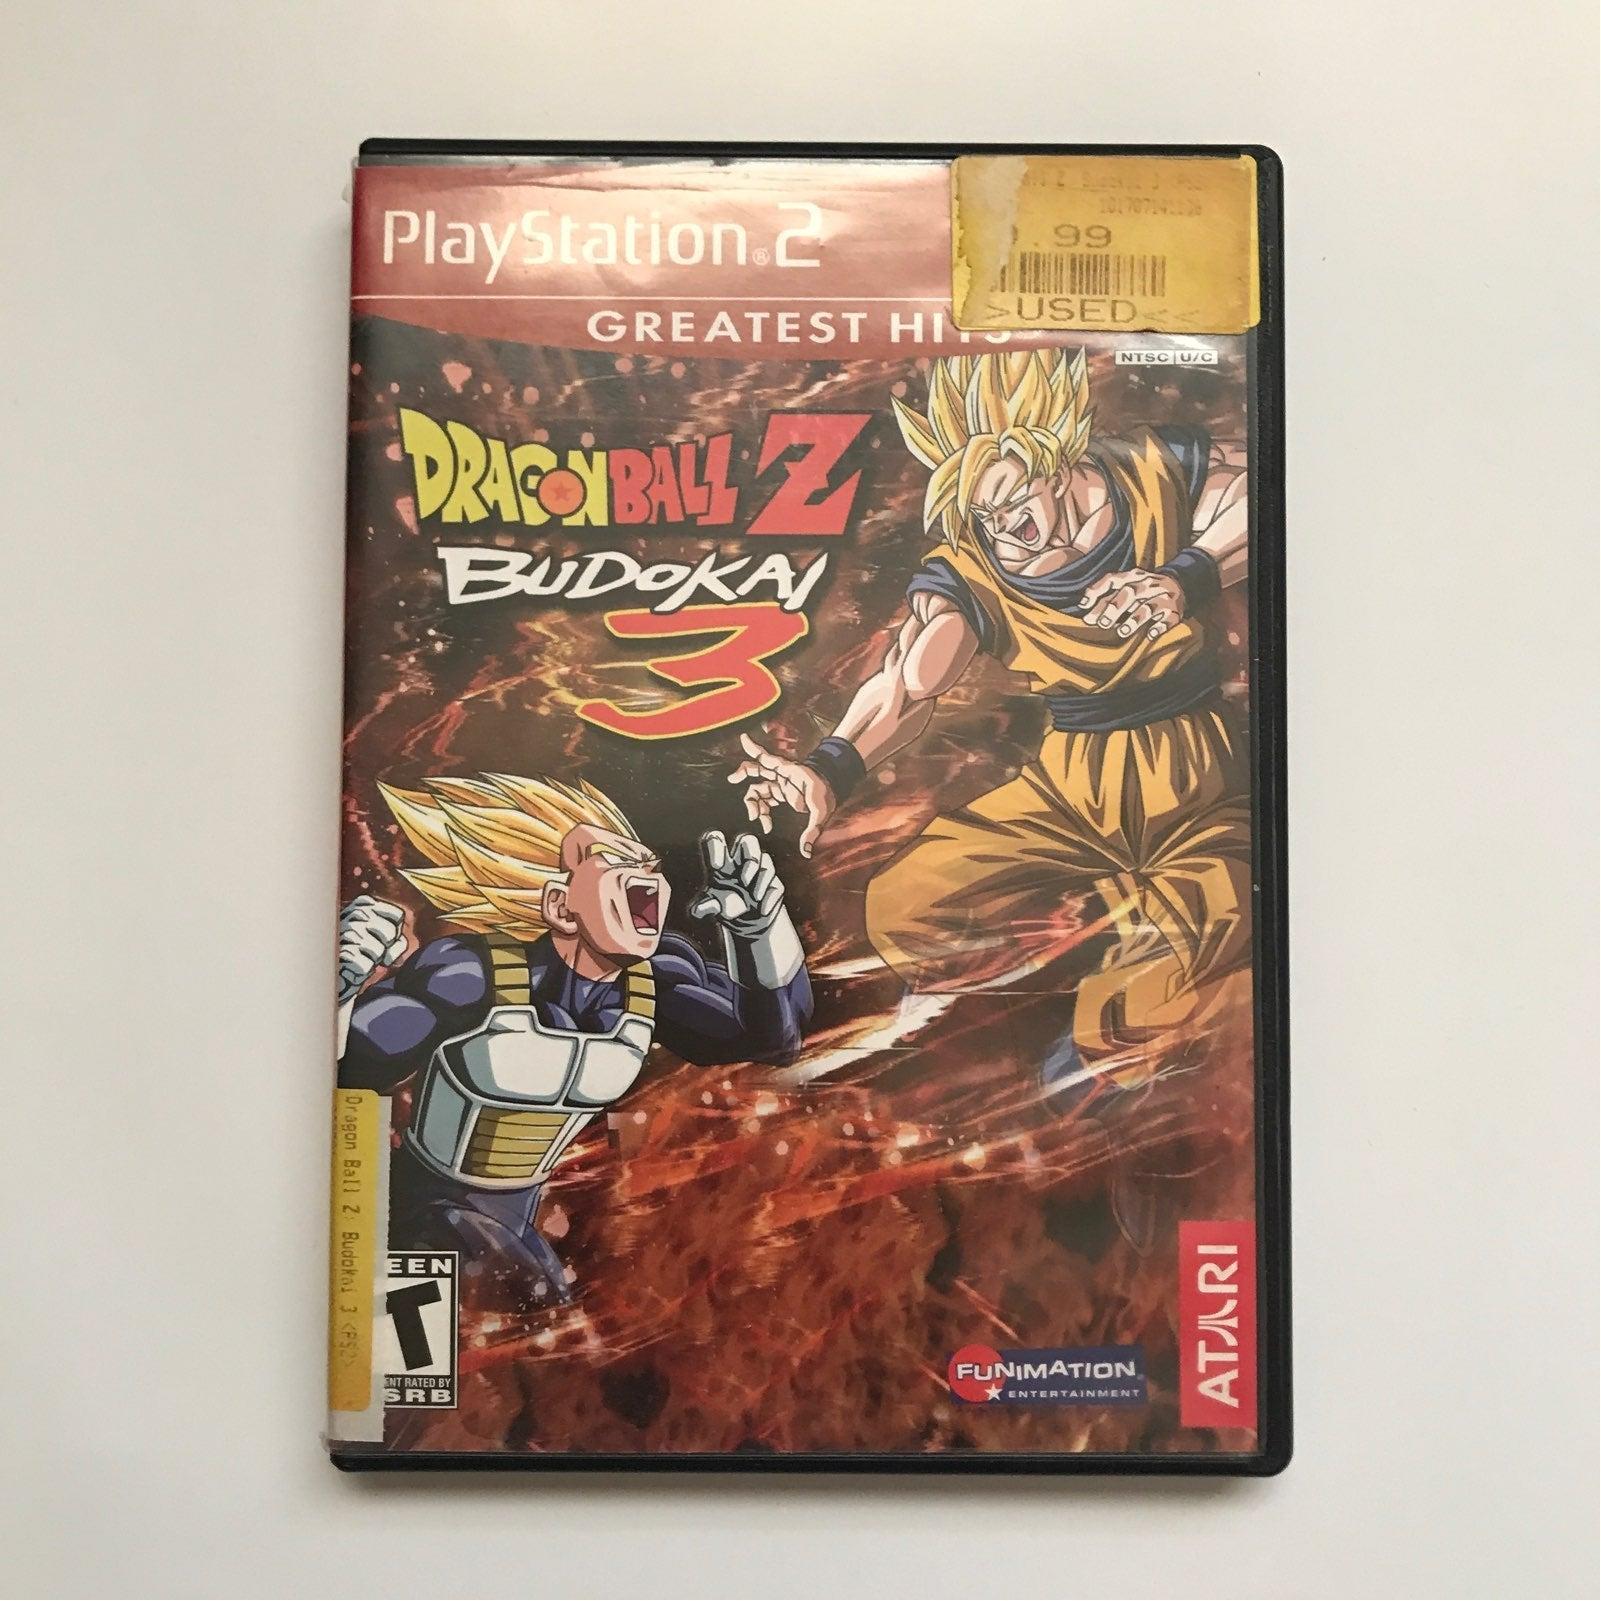 Dragon Ball Z: Budokai 3 on PS2